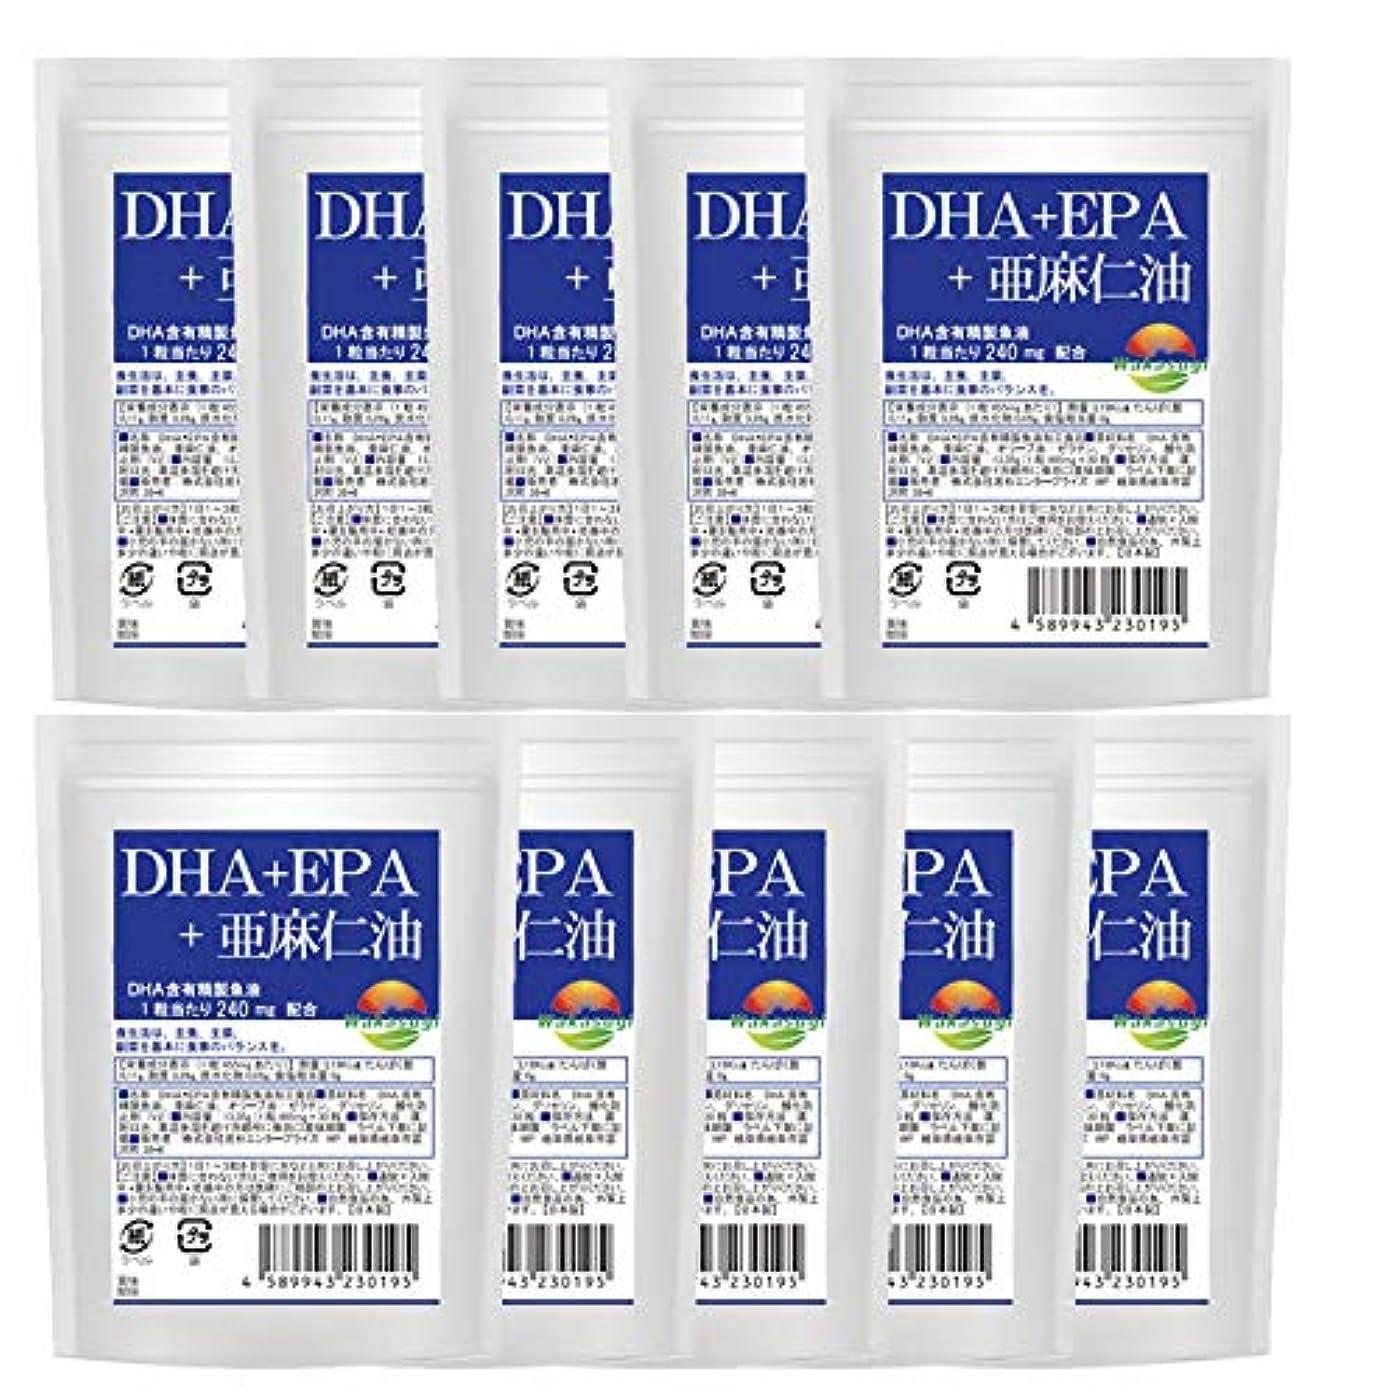 傾いた重要なチューリップDHA+EPA+亜麻仁油 ソフトカプセル30粒 10袋セット 合計300カプセル まとめ売り